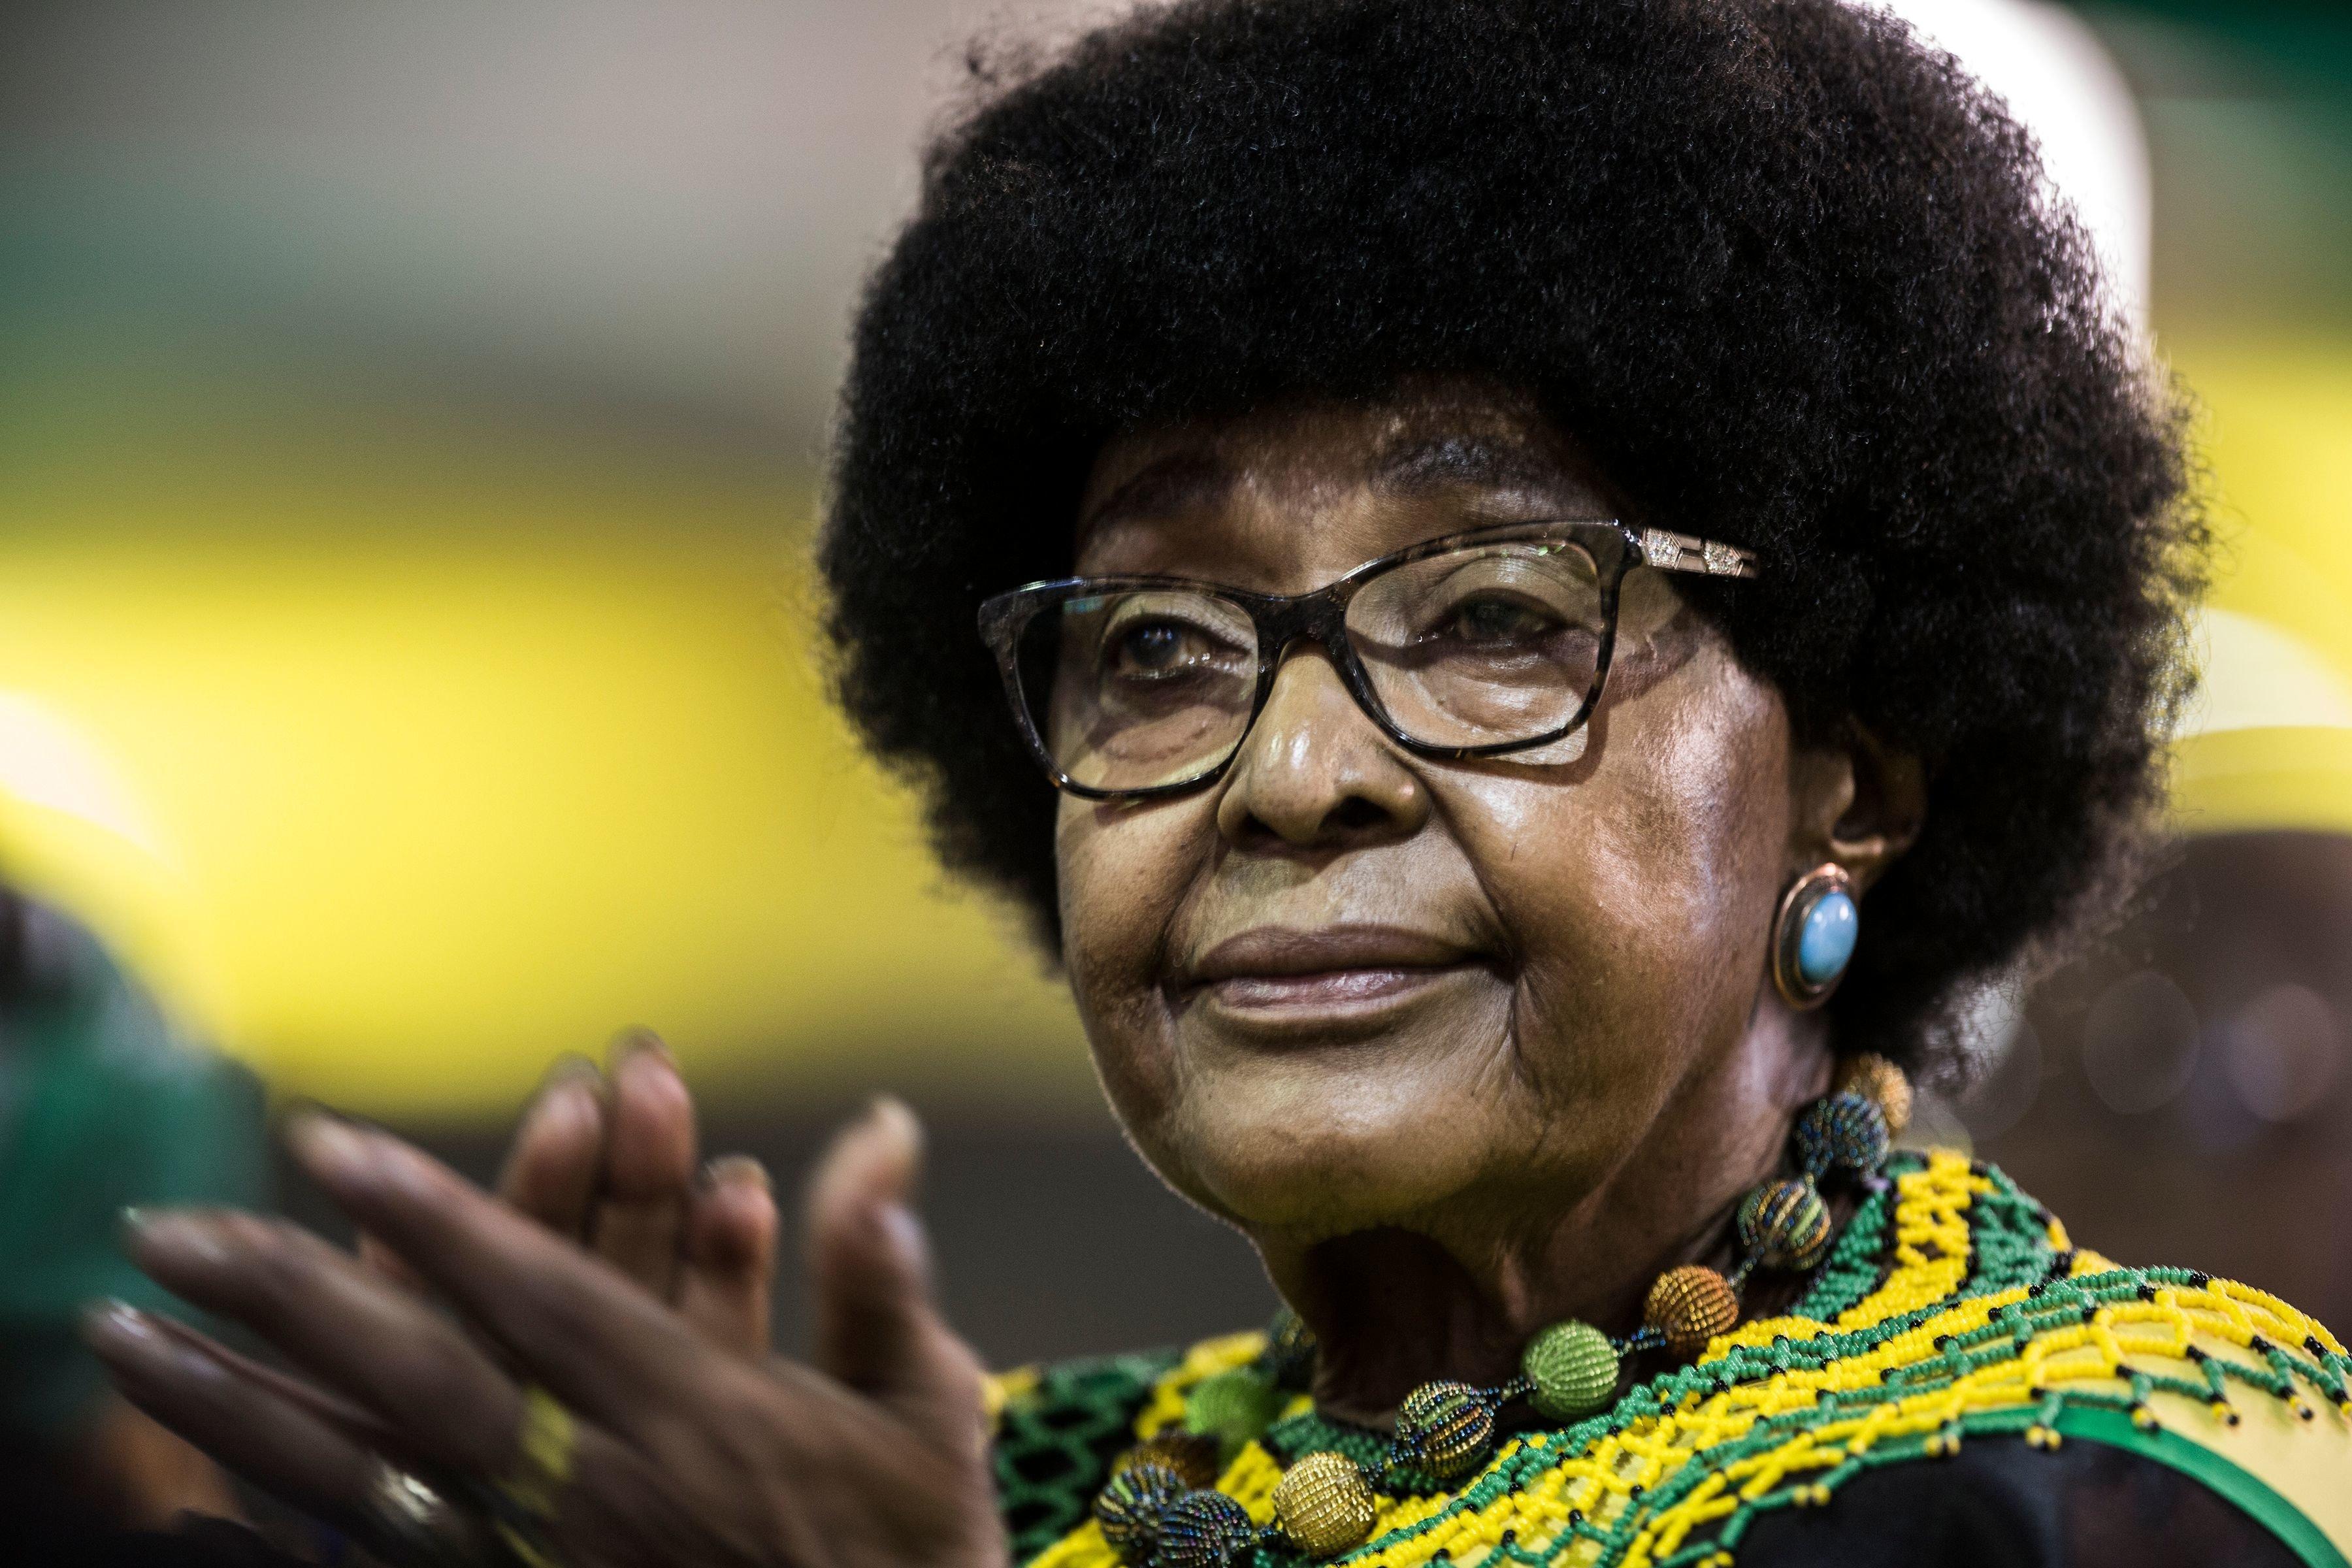 Πέθανε η Γουίνι Μαντέλα σε ηλικία 81